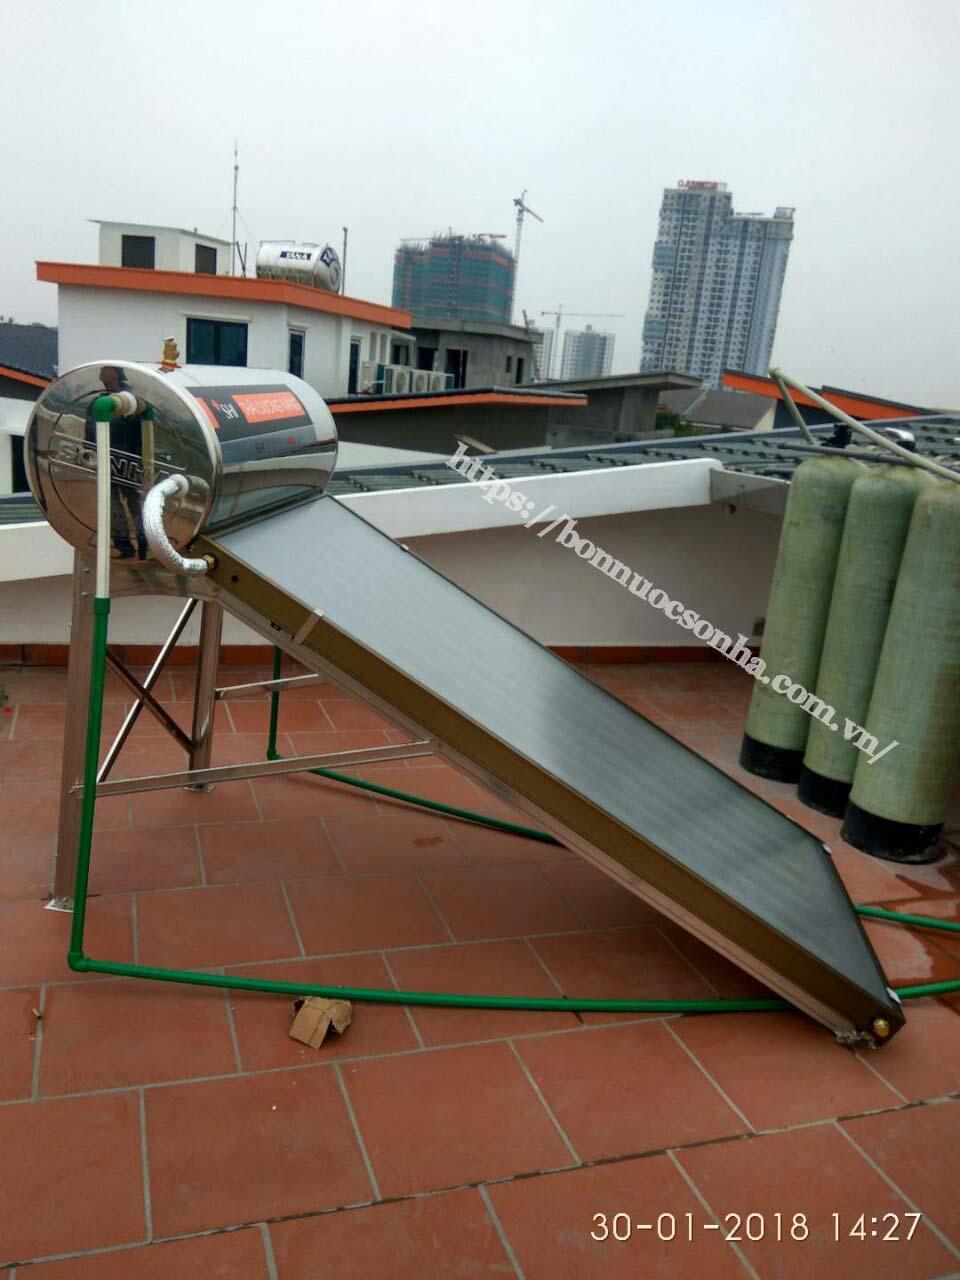 Thái Dương Năng tấm phẳng chịu áp lực 300 - FGP300